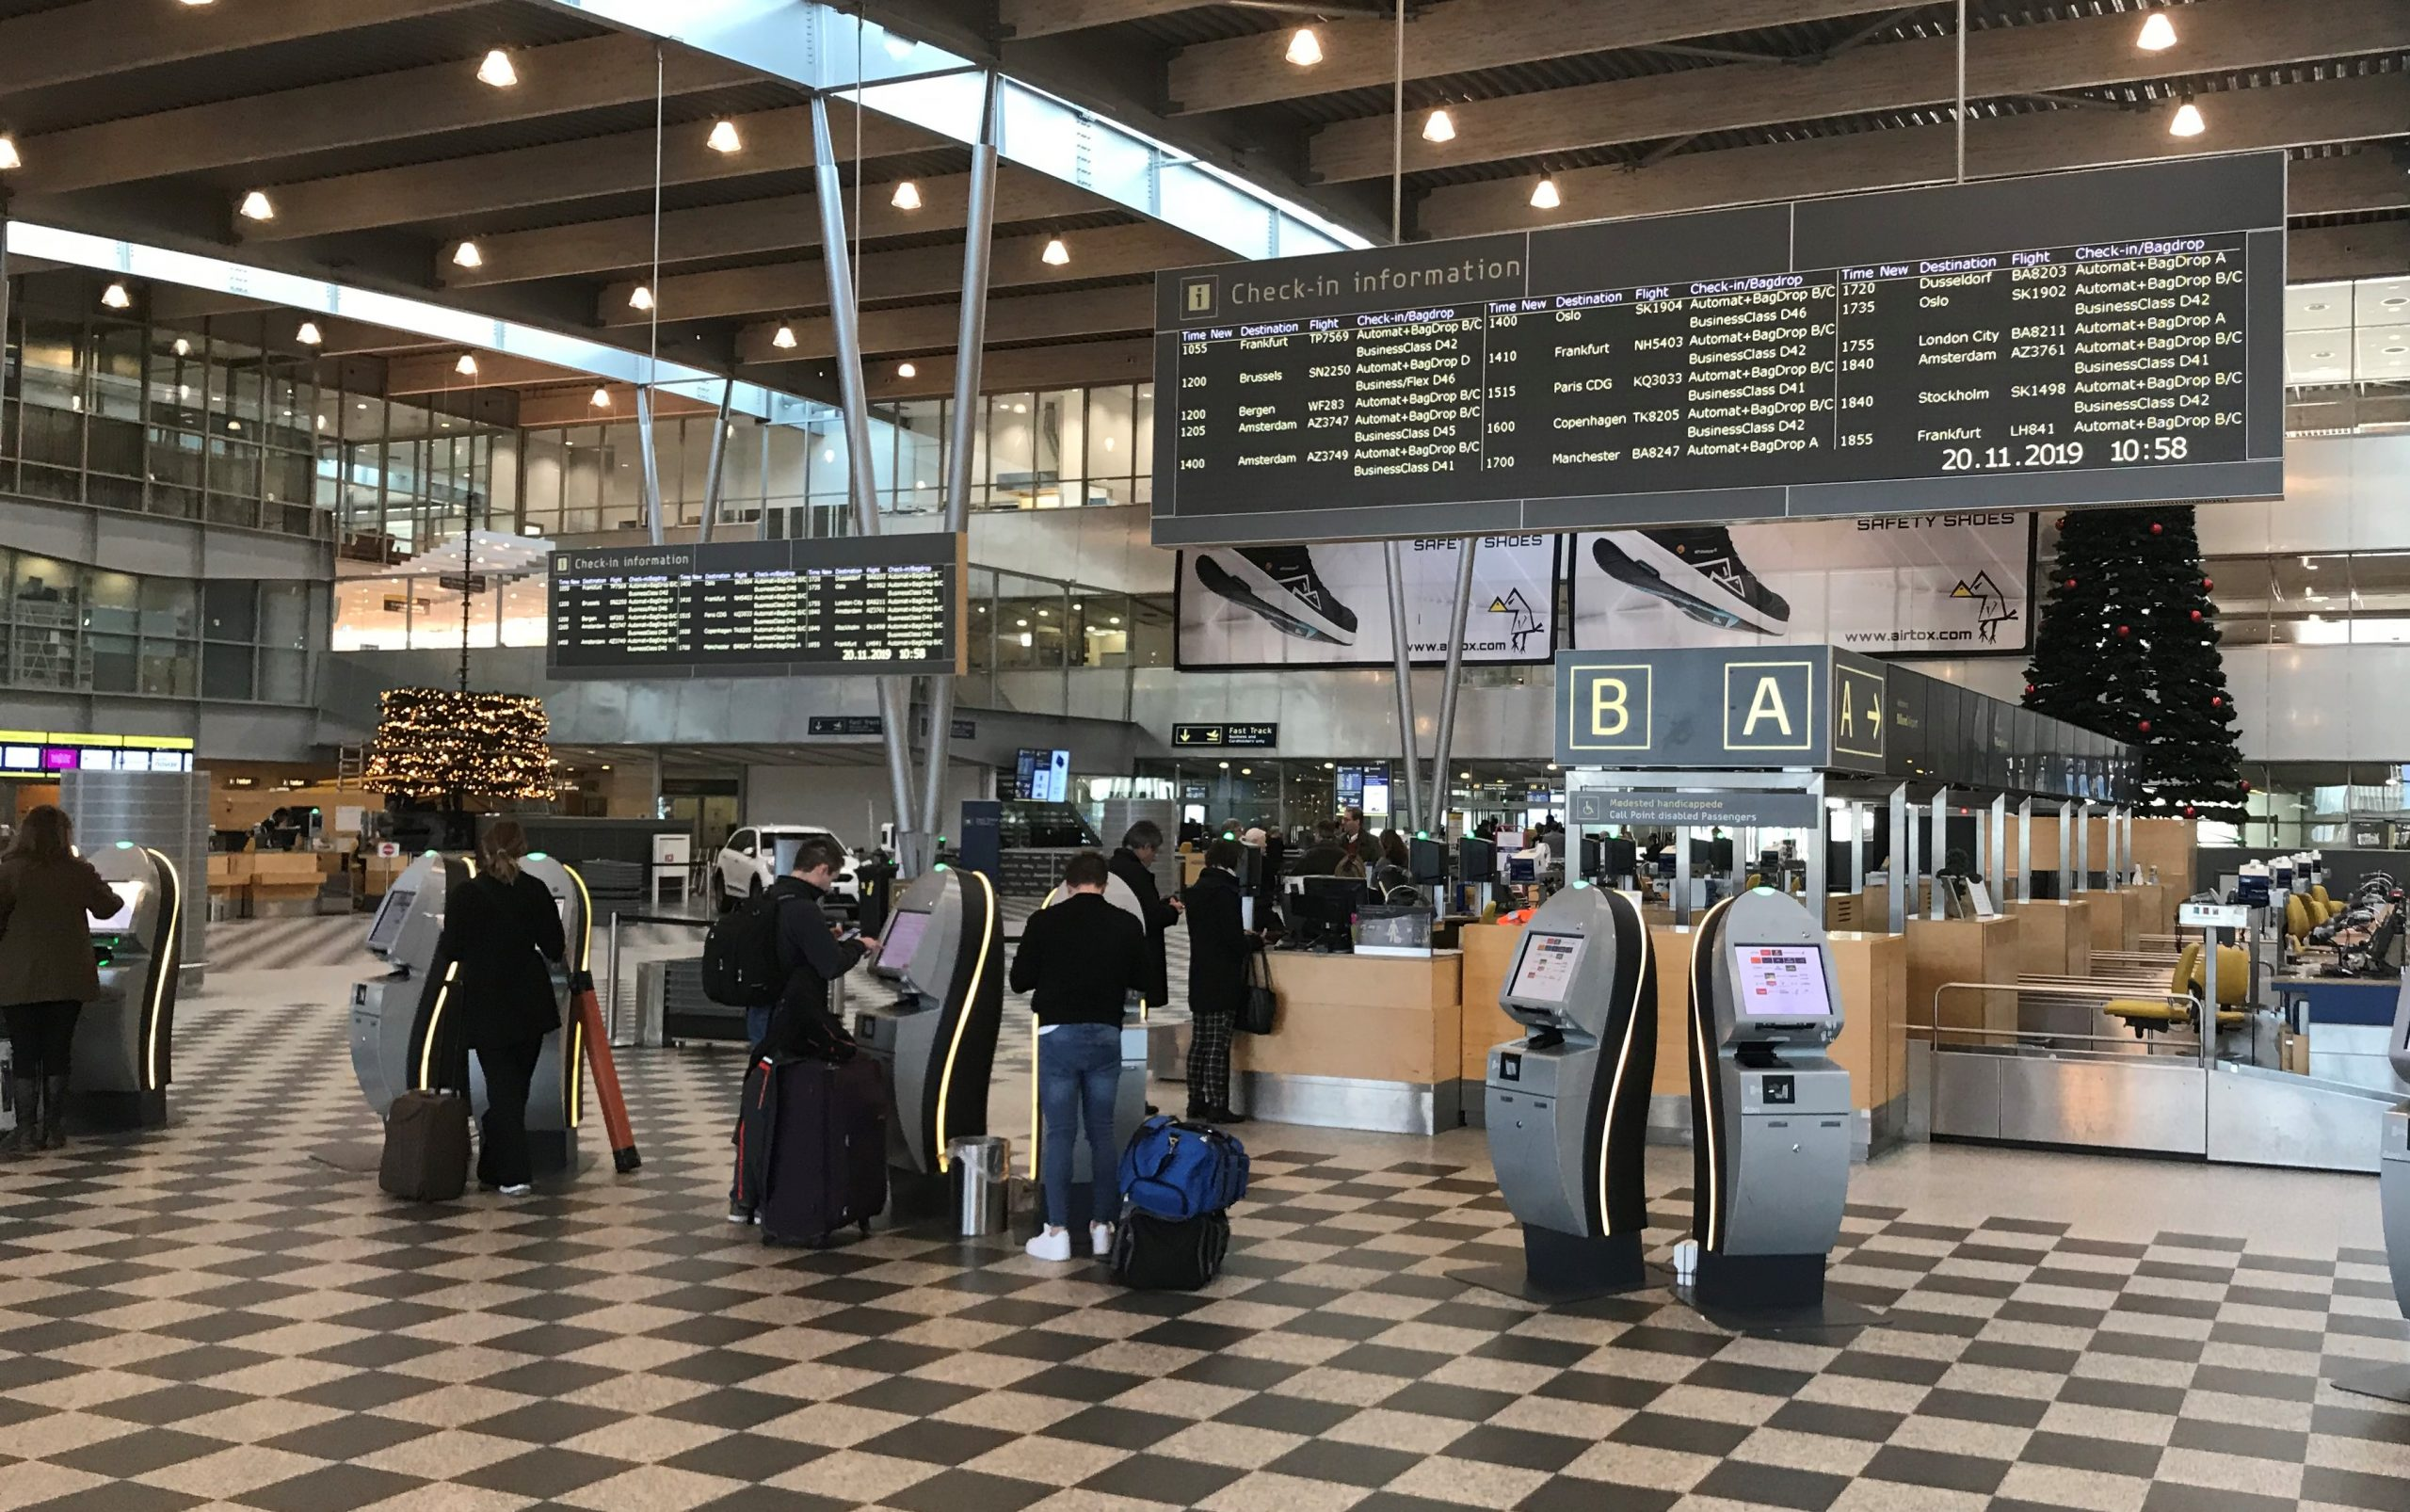 Afgangshallen i Billund Lufthavn. (Foto: Ole Kirchert Christensen)